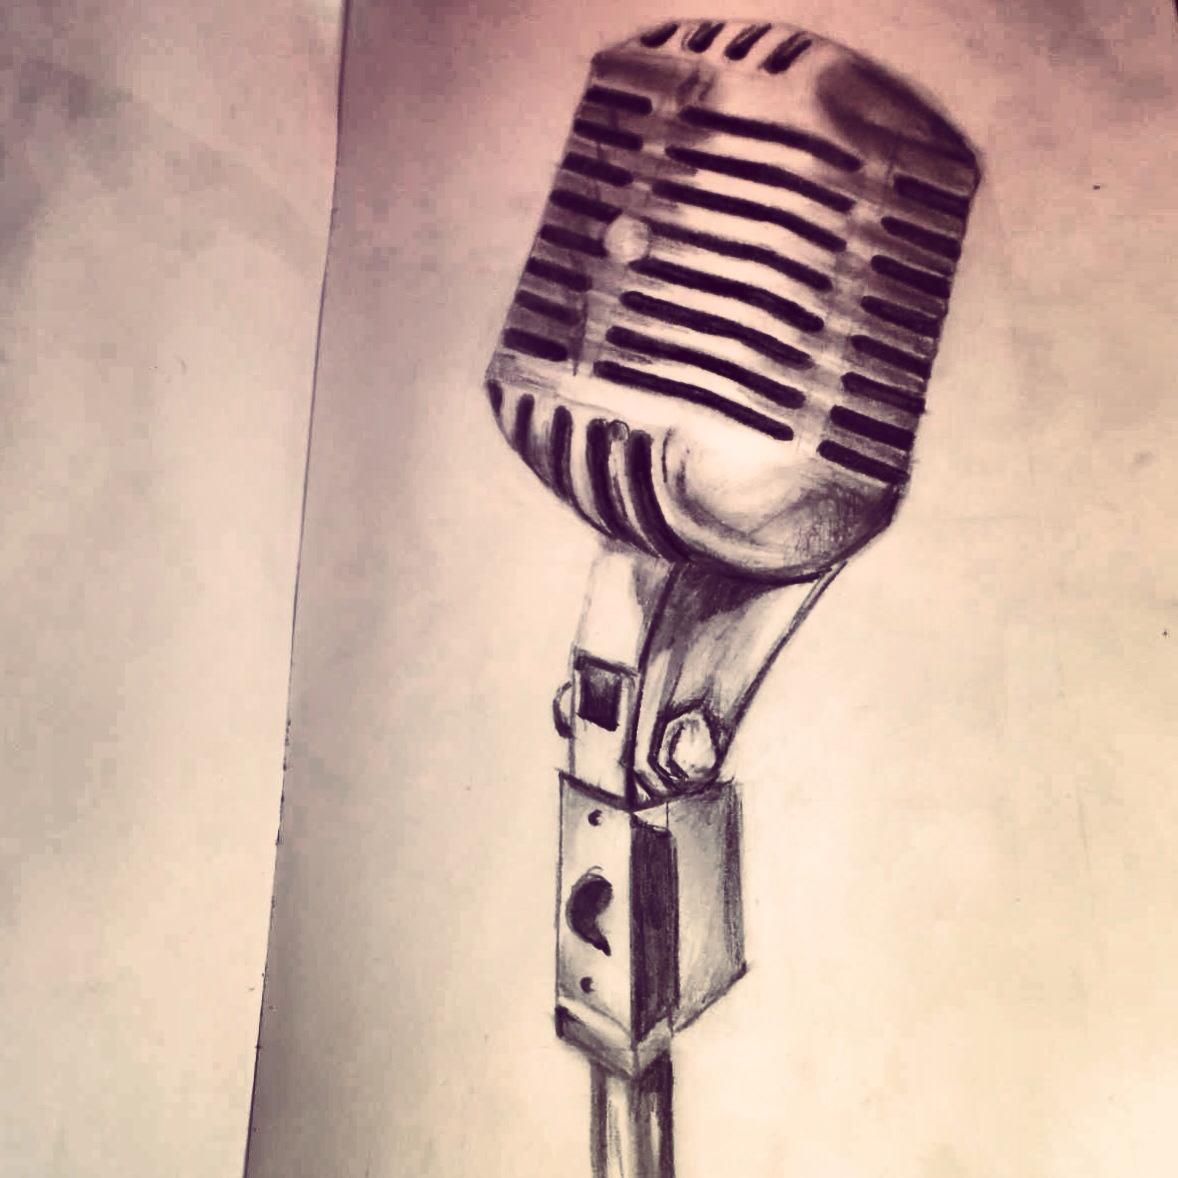 1178x1178 Mic Pencil Drawing Art That I Love